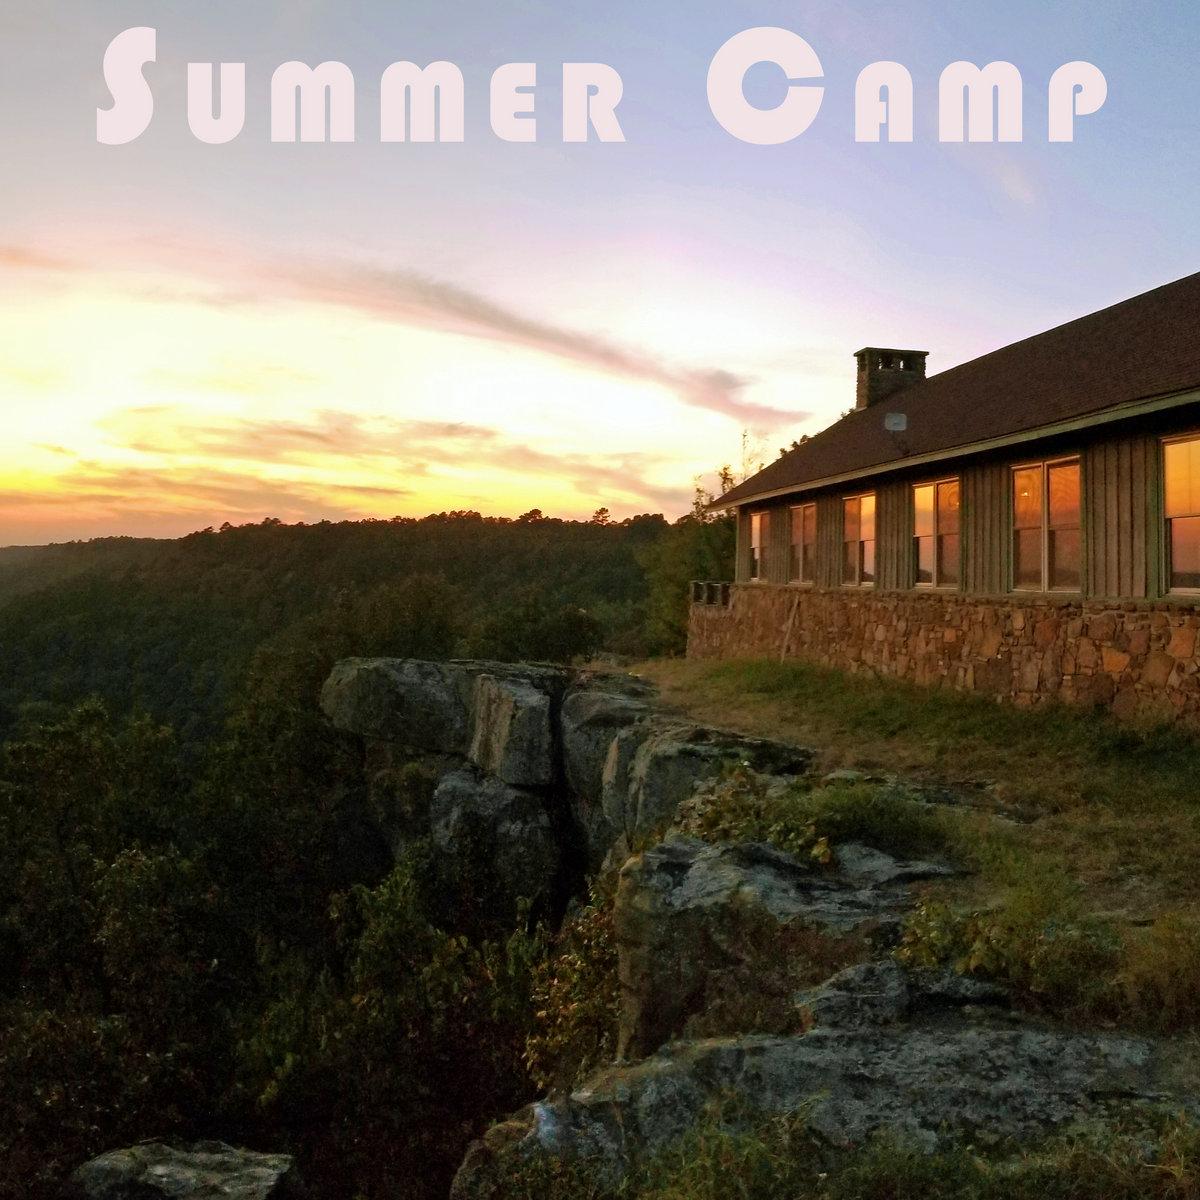 Summer Camp by Alex Brubaker